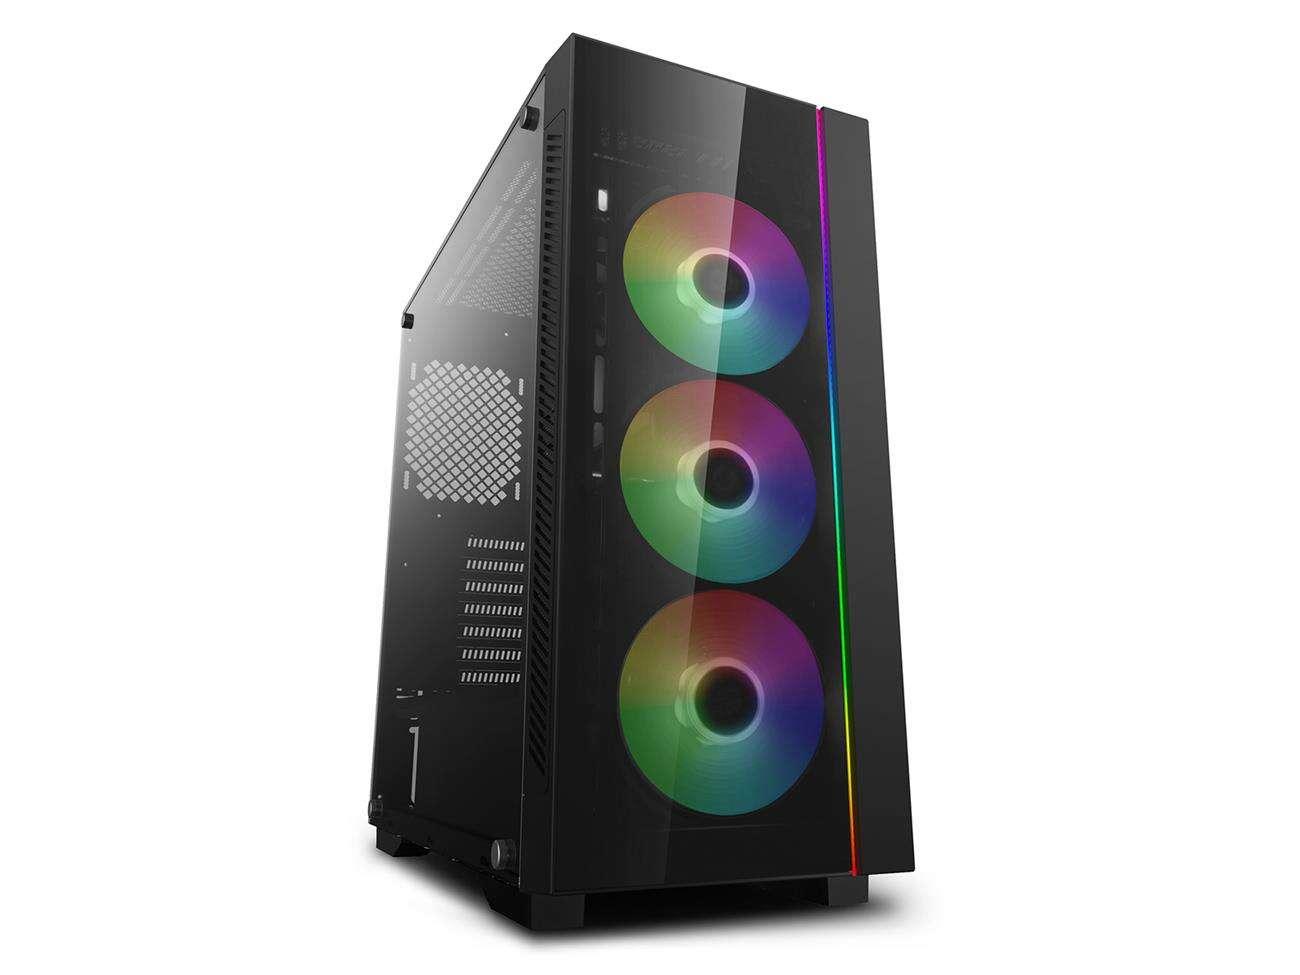 test Deepcool Matrexx 55 V3 ADD-RGB 3F , recenzja Deepcool Matrexx 55 V3 ADD-RGB 3F , review Deepcool Matrexx 55 V3 ADD-RGB 3F , opinia Deepcool Matrexx 55 V3 ADD-RGB 3F , cena Deepcool Matrexx 55 V3 ADD-RGB 3F